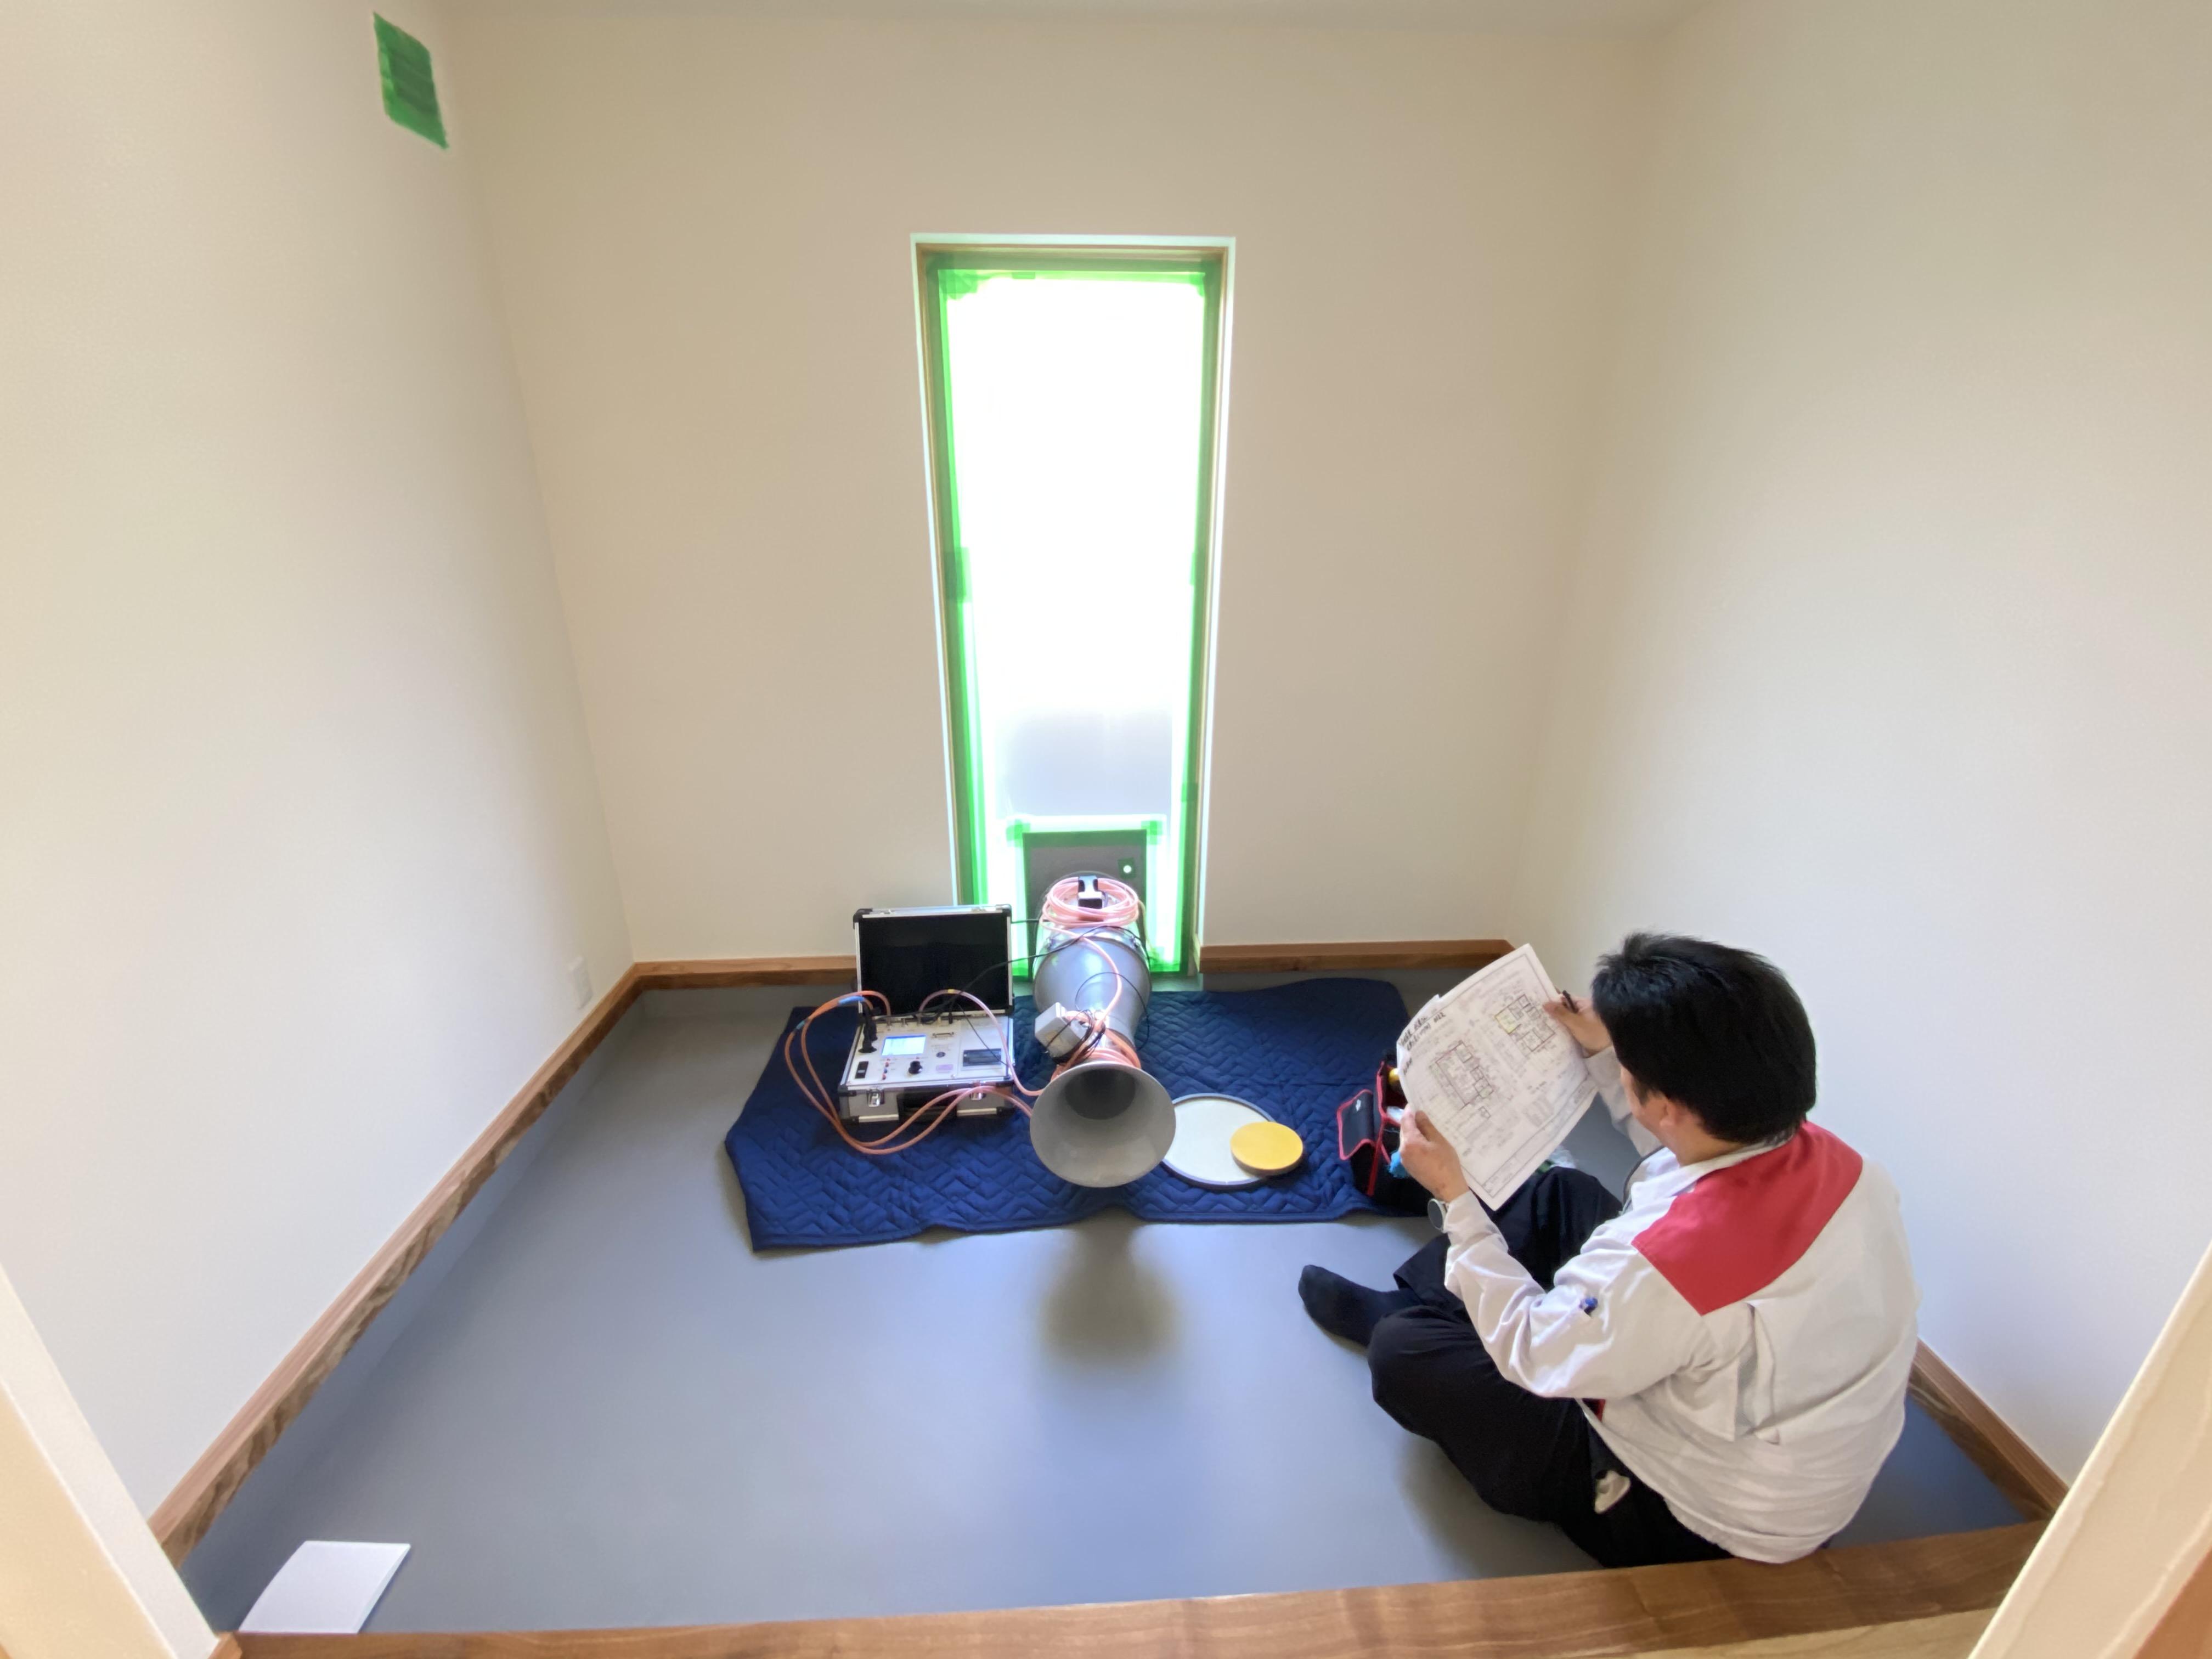 仙台市泉区高森HEAT20の家づくり2